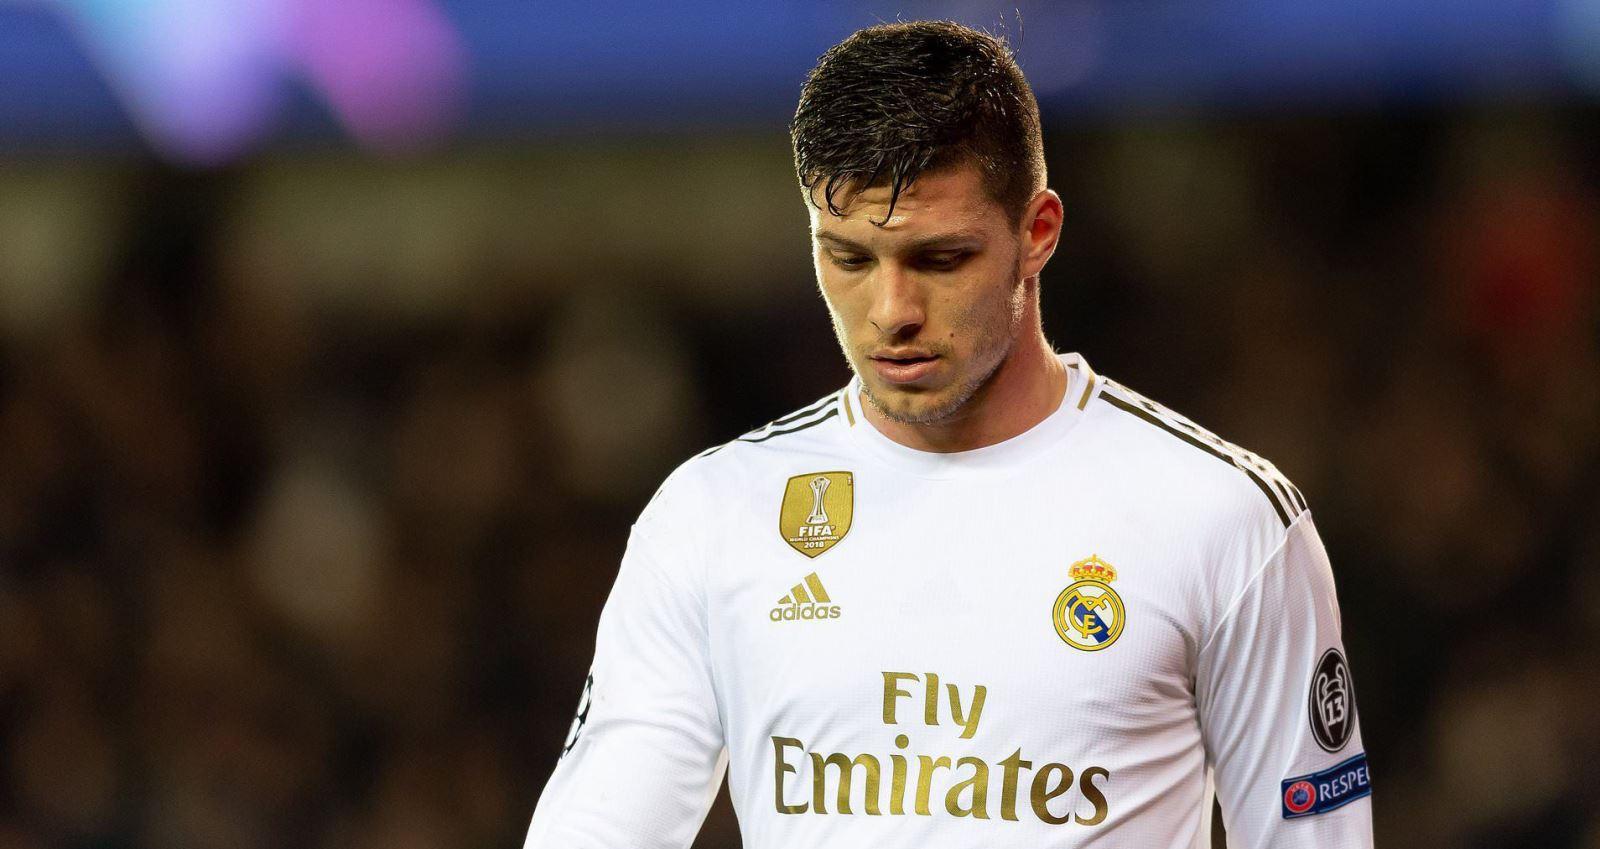 Luka Jovic, Real Madrid, Jovic có thể ngồi tù, Jovic vi phạm quy định, Covid-19, Jovic, tin tức bóng đá, tin bóng đá, bóng đá hôm nay, Jovic ra tòa, Jovic ngồi tù